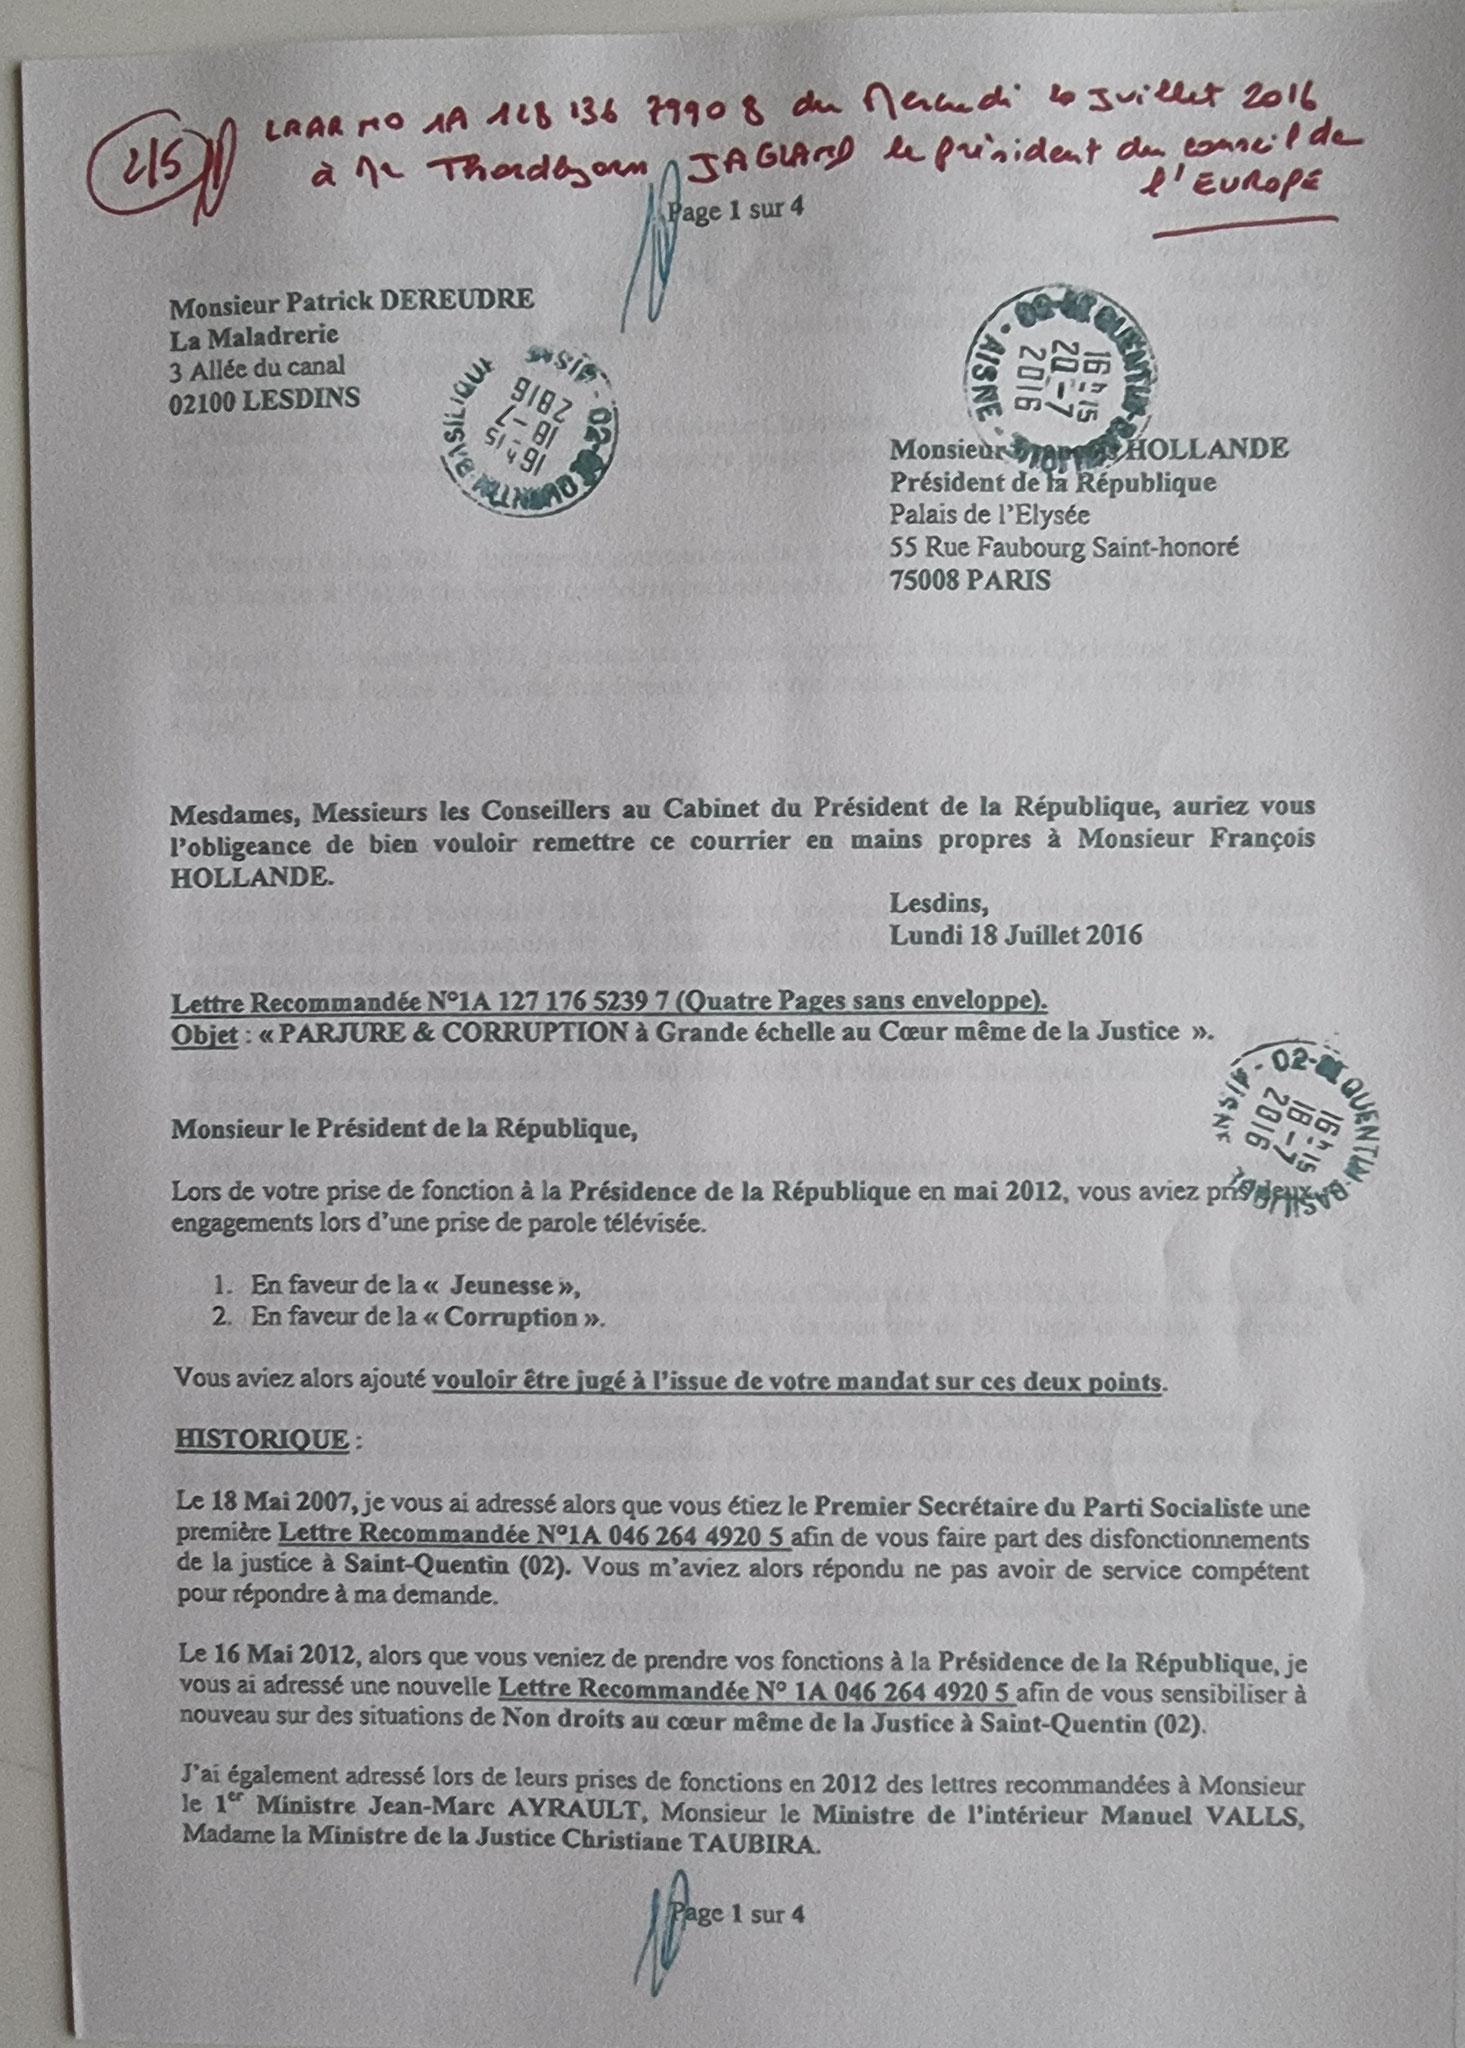 Ma Lettre recommandée du 20 Juillet 2016 adressée à Monsieur le Président du Conseil de l'Europe Organisations Internationales Thordbjorm JAGLAND www.jesuisvictime.fr www.jesuispatrick.fr www.jenesuispasunchien.fr